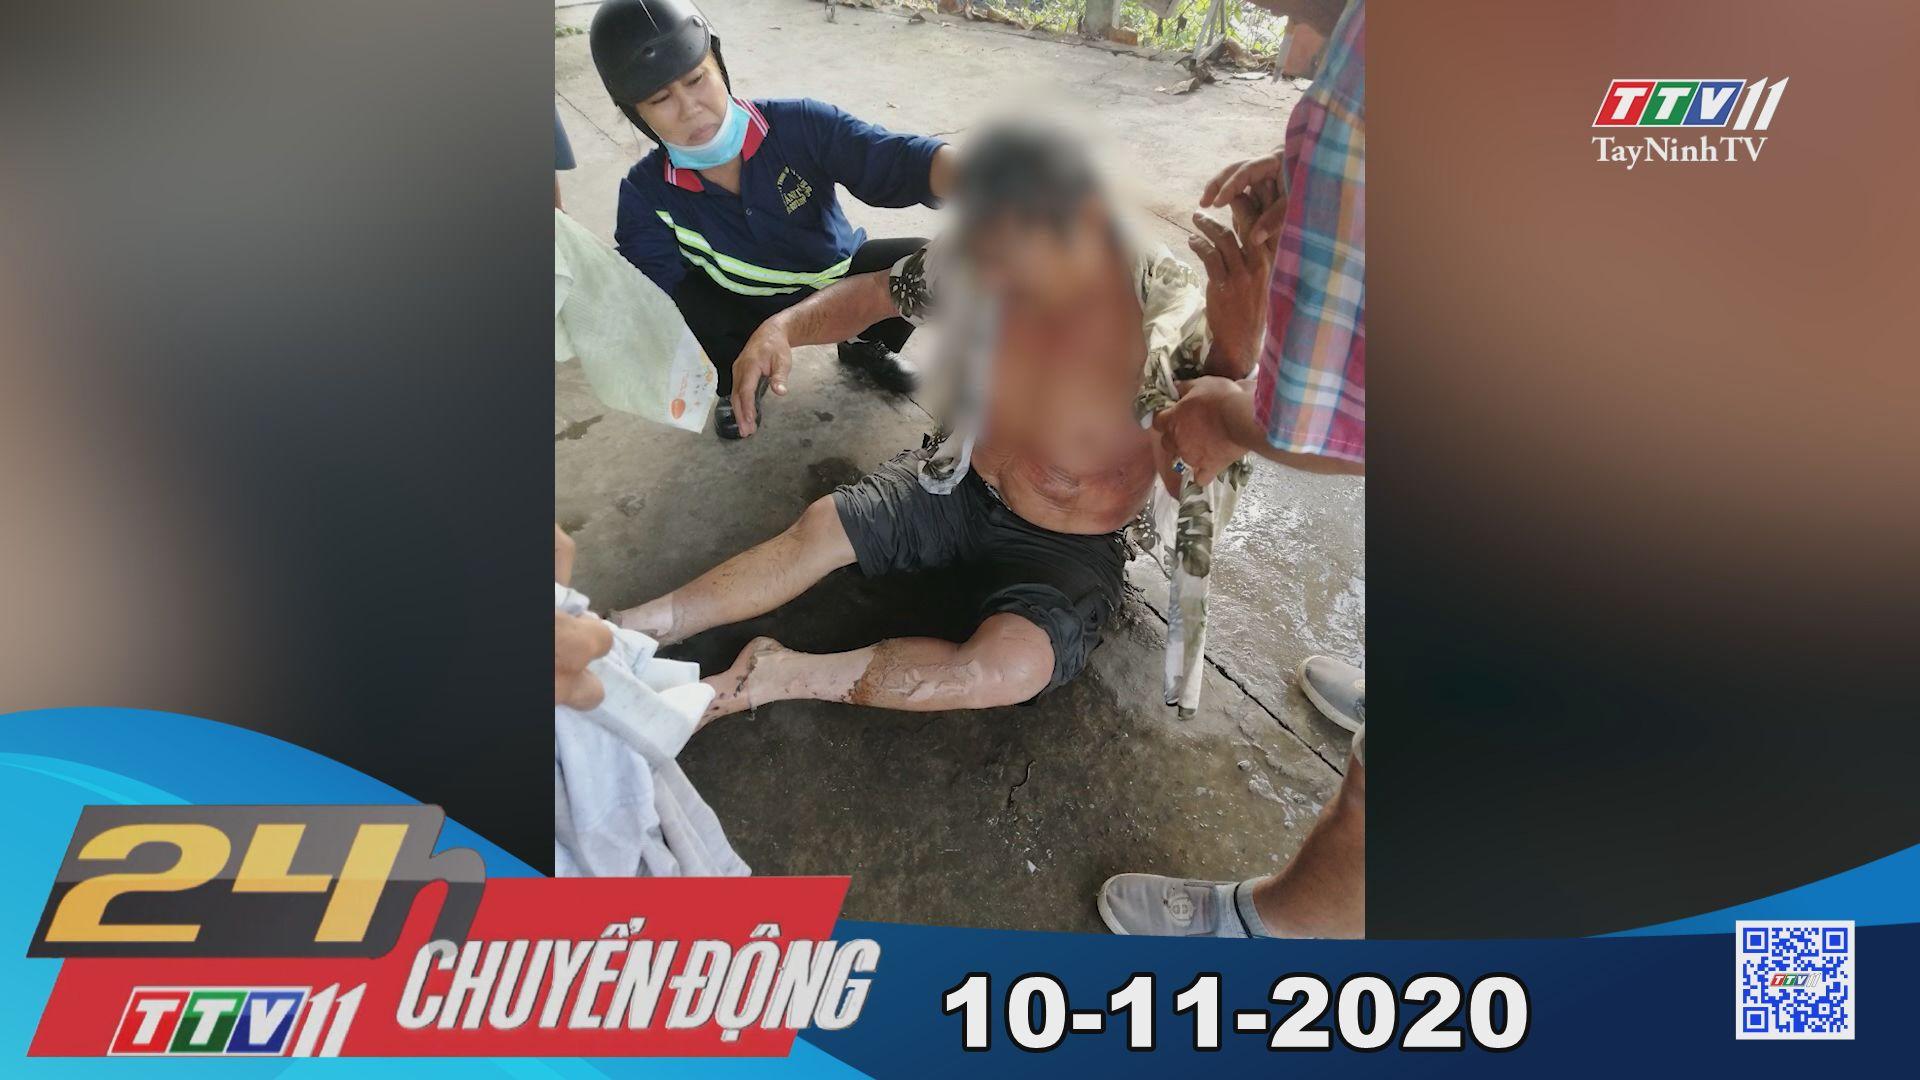 24h Chuyển động 10-11-2020 | Tin tức hôm nay | TayNinhTV